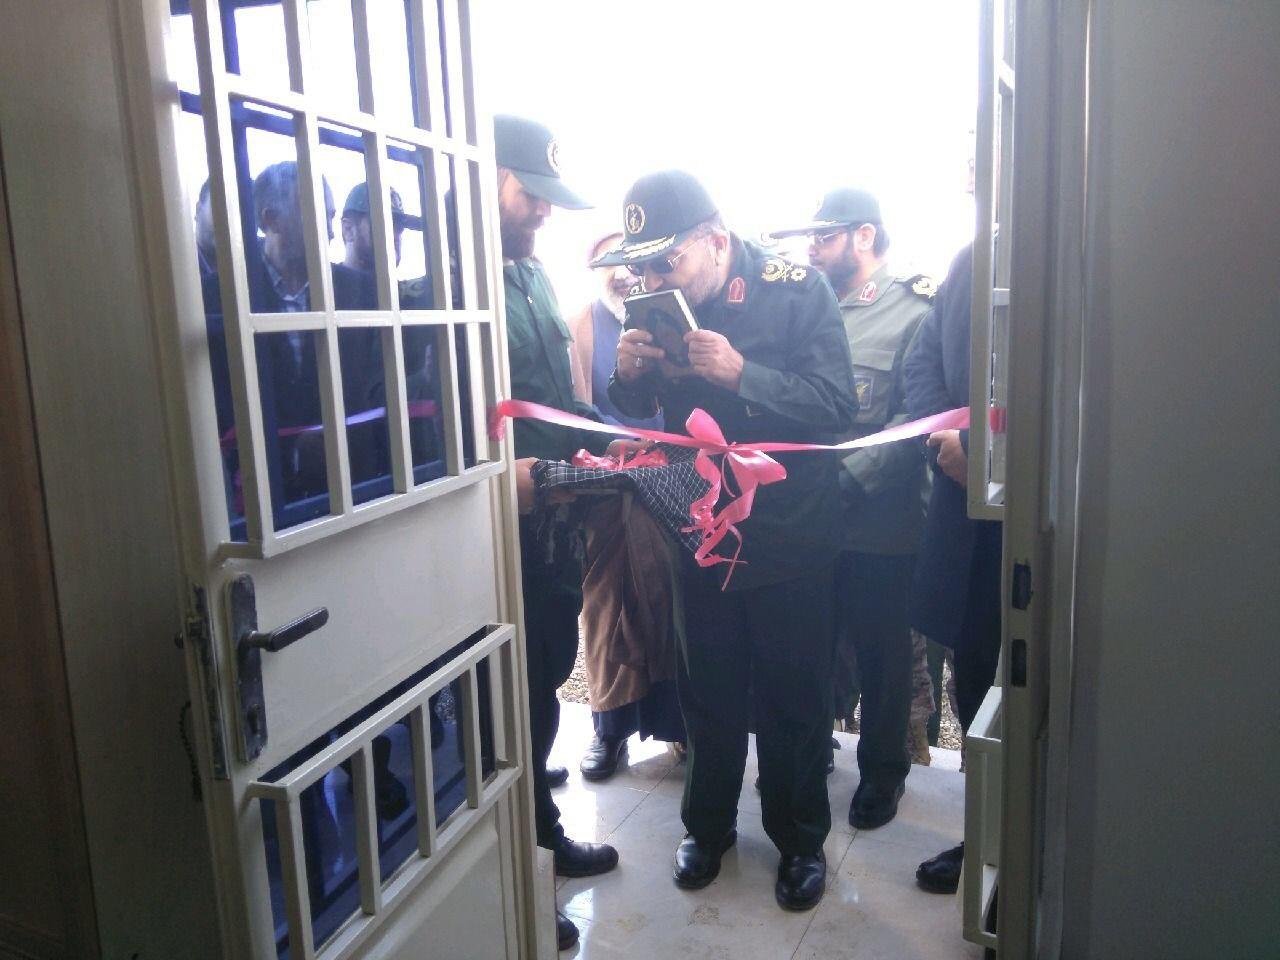 بسیج برای خدمت رسانی در کنار ملت ایران است/ یکی از موانع بزرگ تمدن سازی وجود رژیم غاصب صهیونیستی است